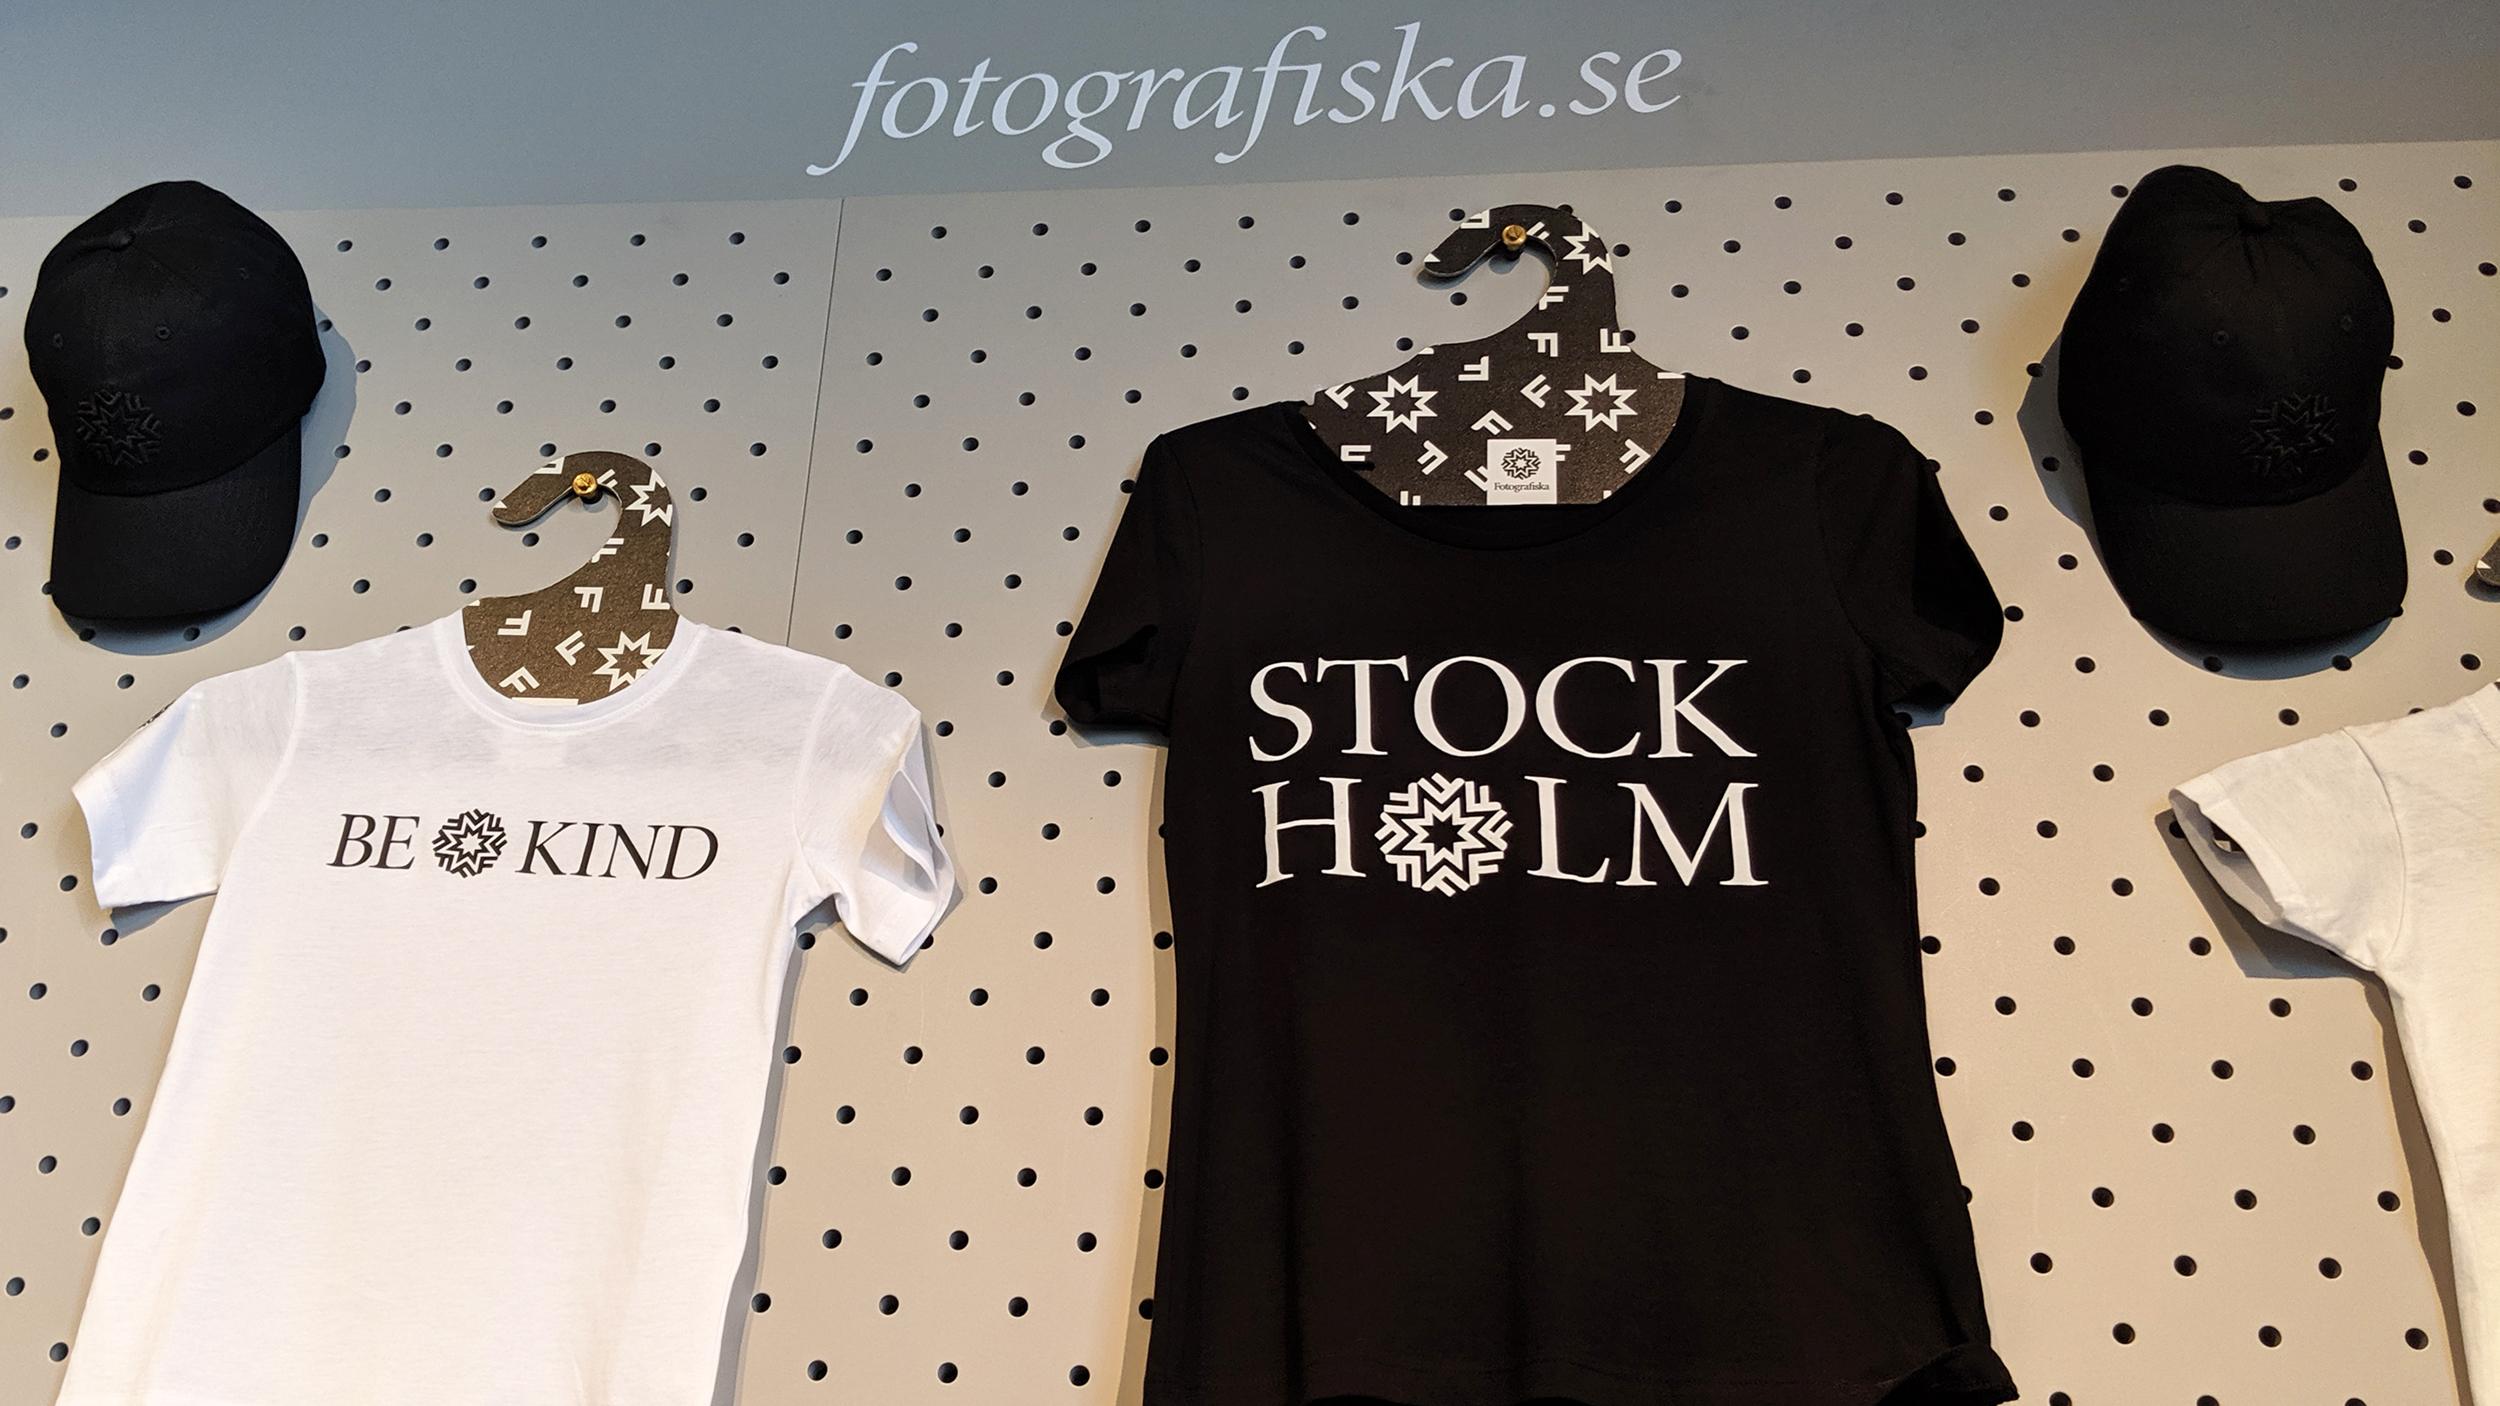 Fotografiska in Stockholm, Sweden   OMventure.com